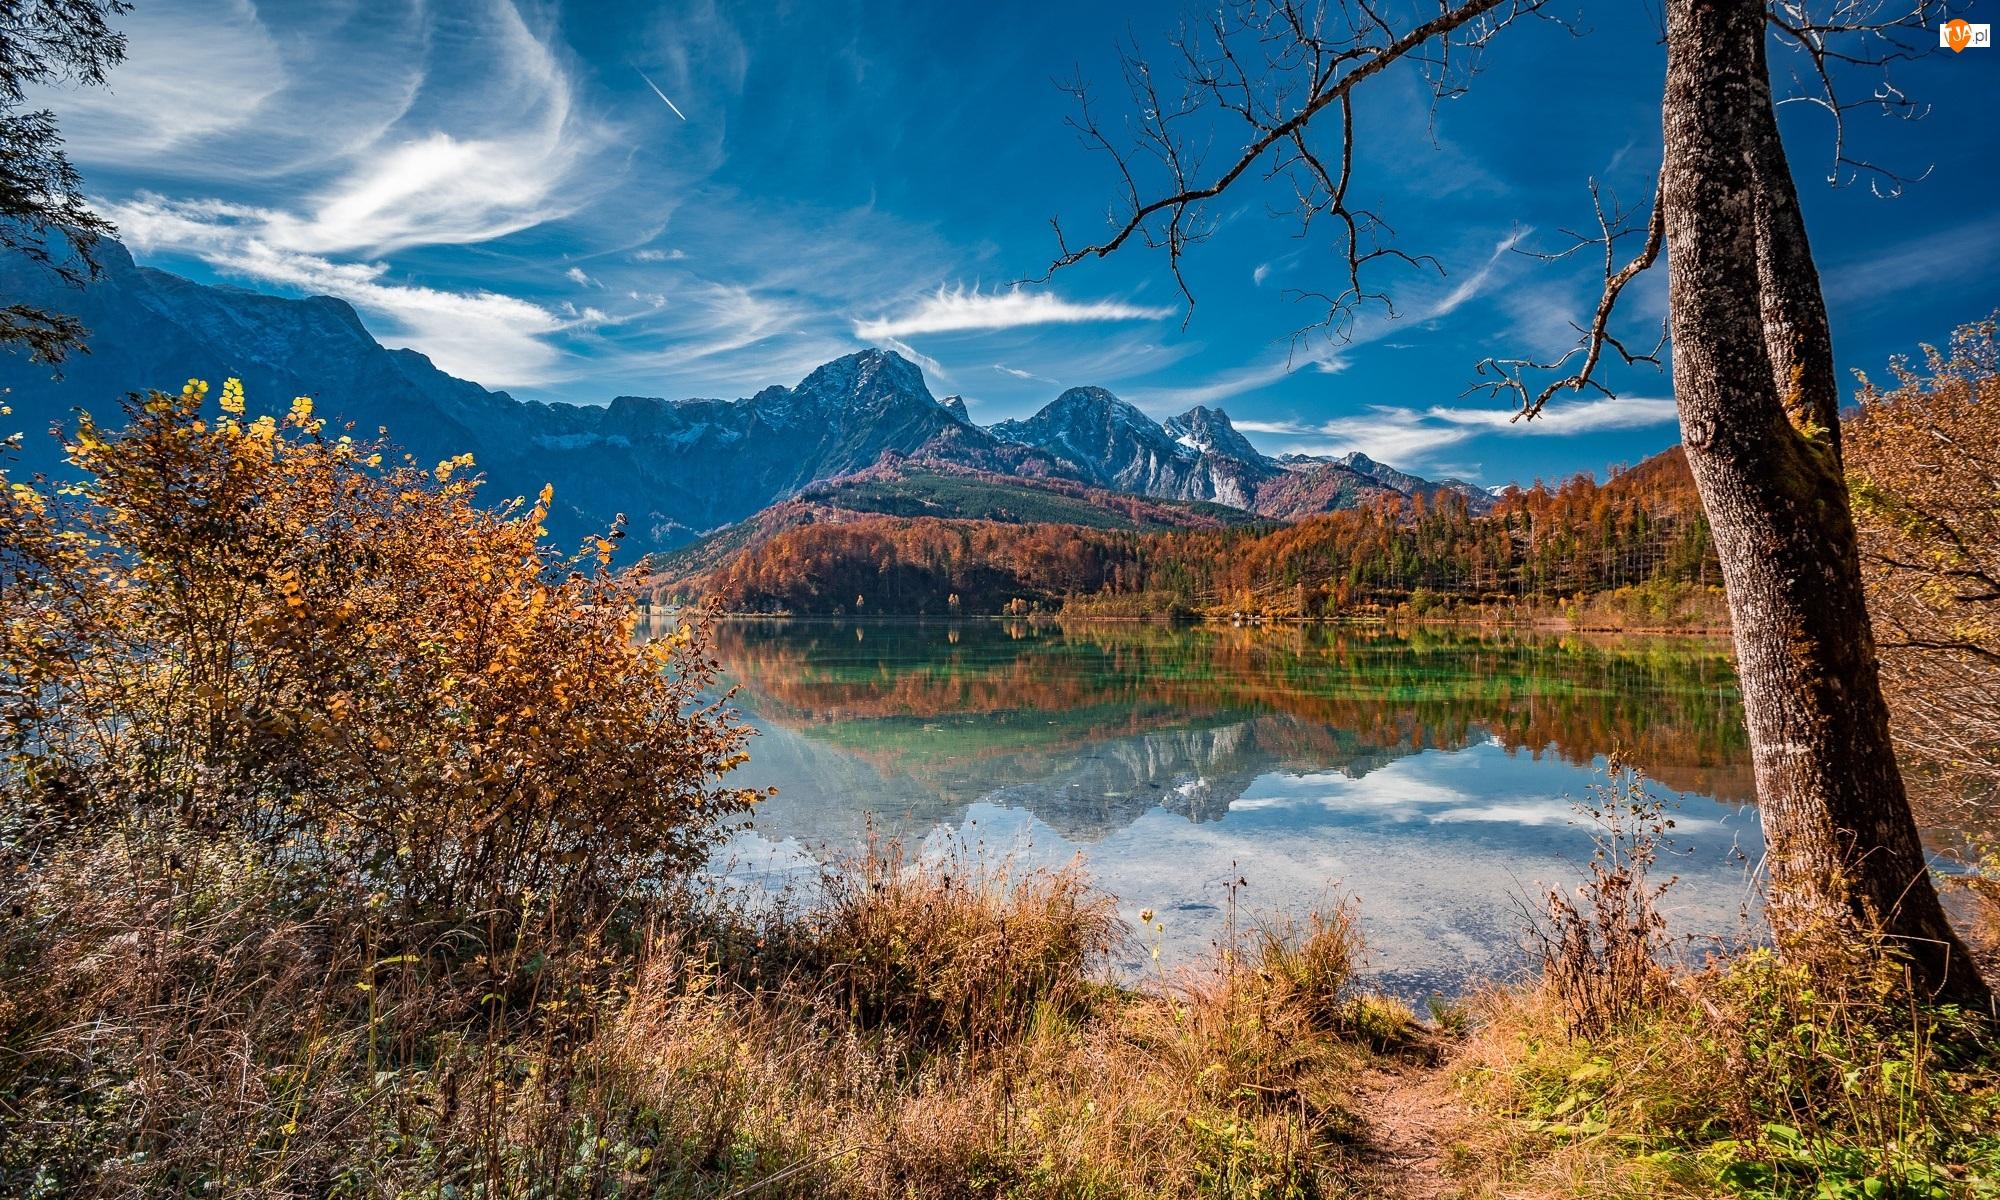 Góry, Alpy, Trawa, Austria, Drzewa, Jesień, Jezioro Almsee